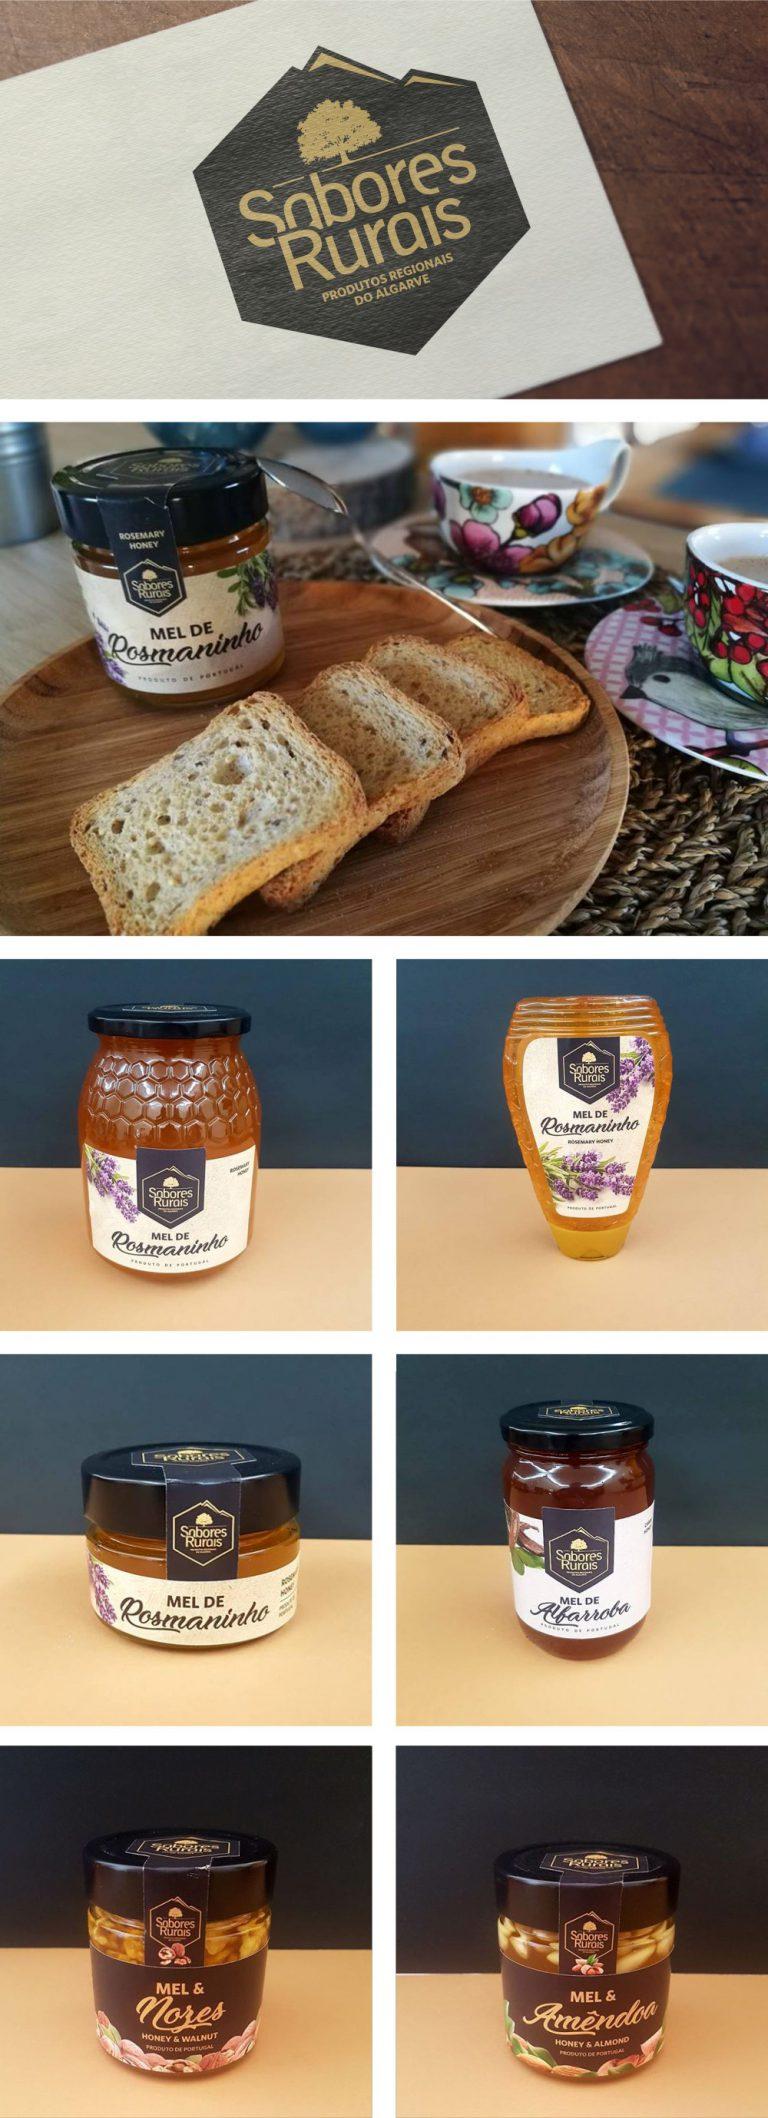 Design de vários rótulos de produtos de Sabores Rurais Produtos Regionais do Algarve